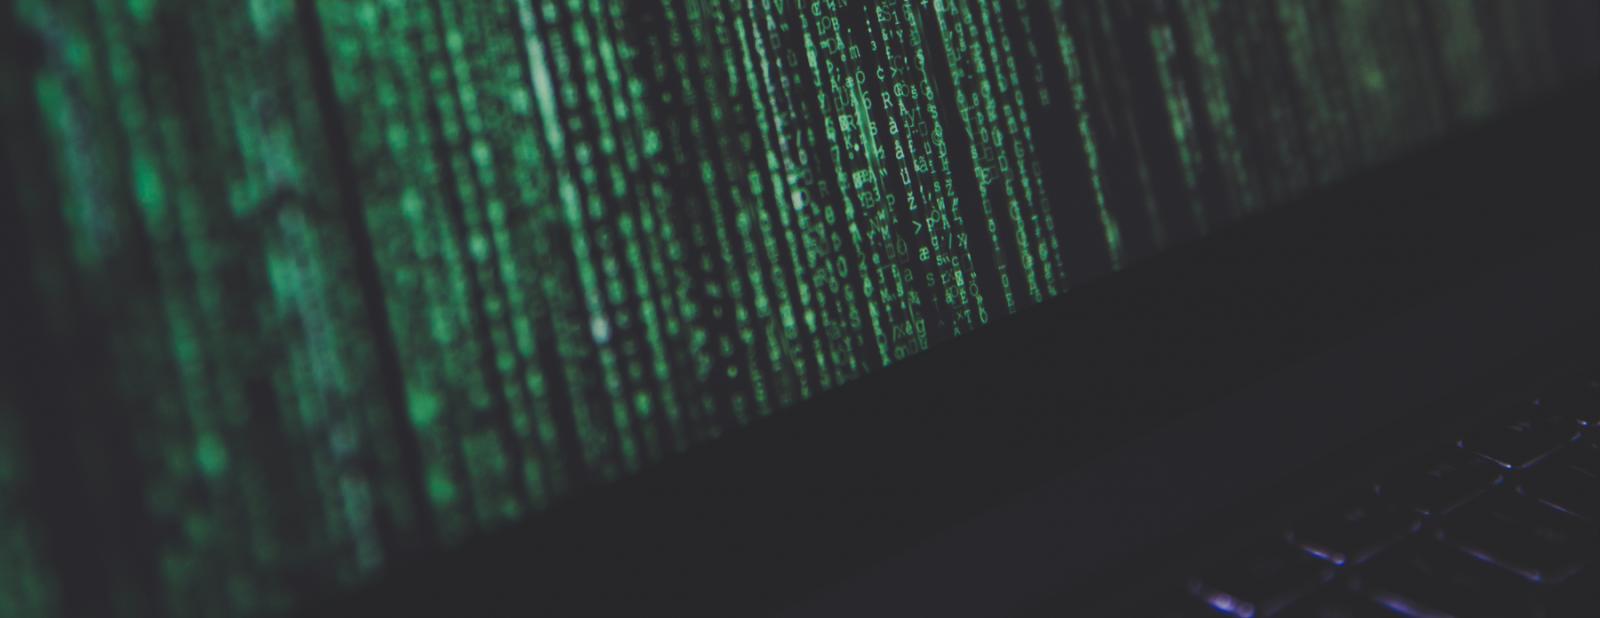 O que é Ransomware?